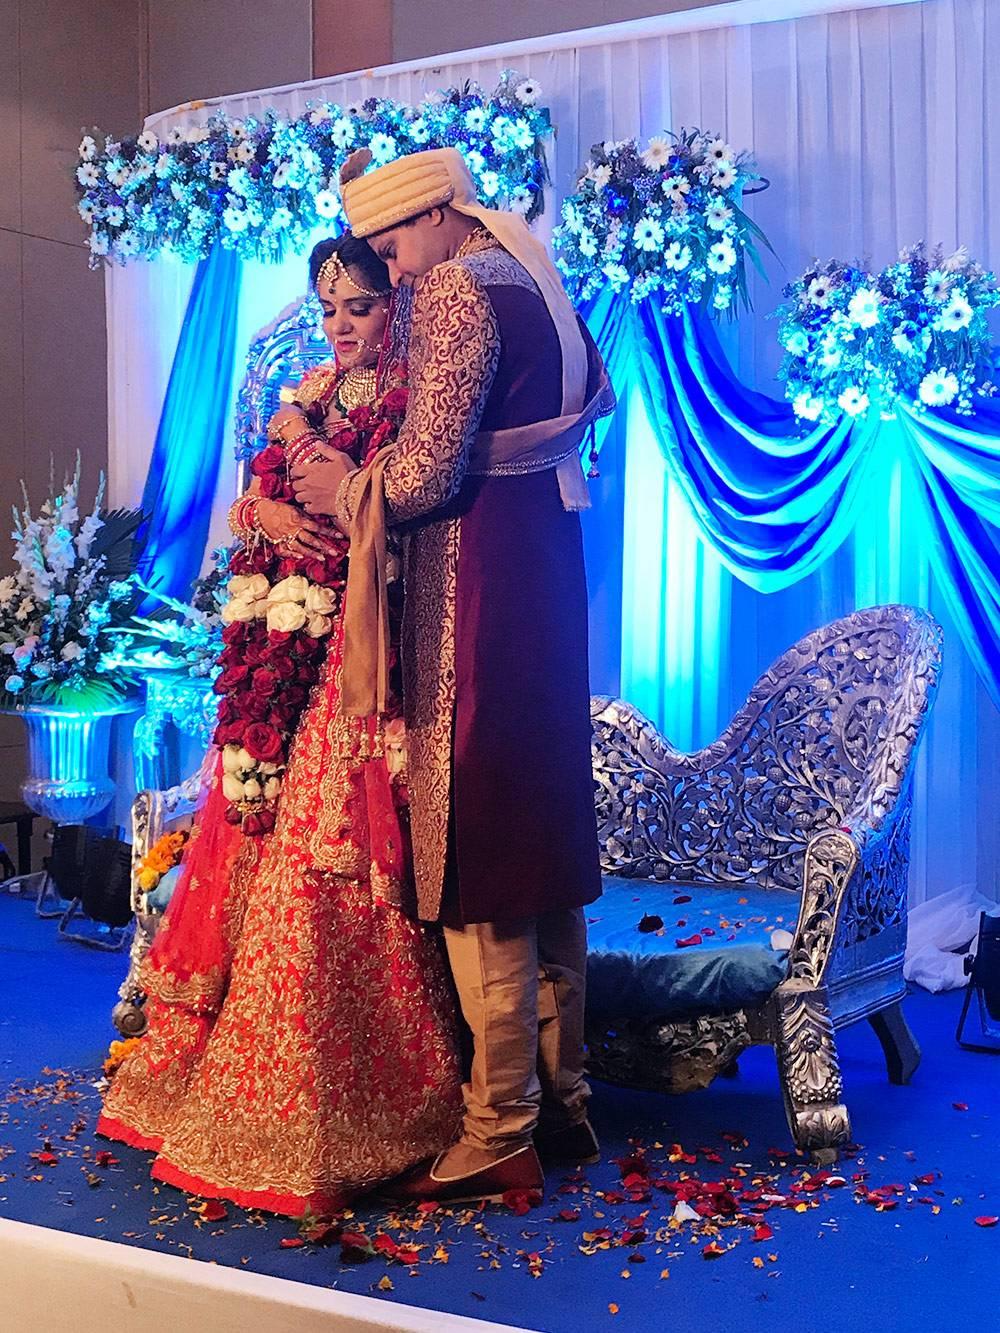 Невесты предпочитают свадебные платья красных оттенков, так как они символизируют удачу, а вот белый в Индии считают цветом траура